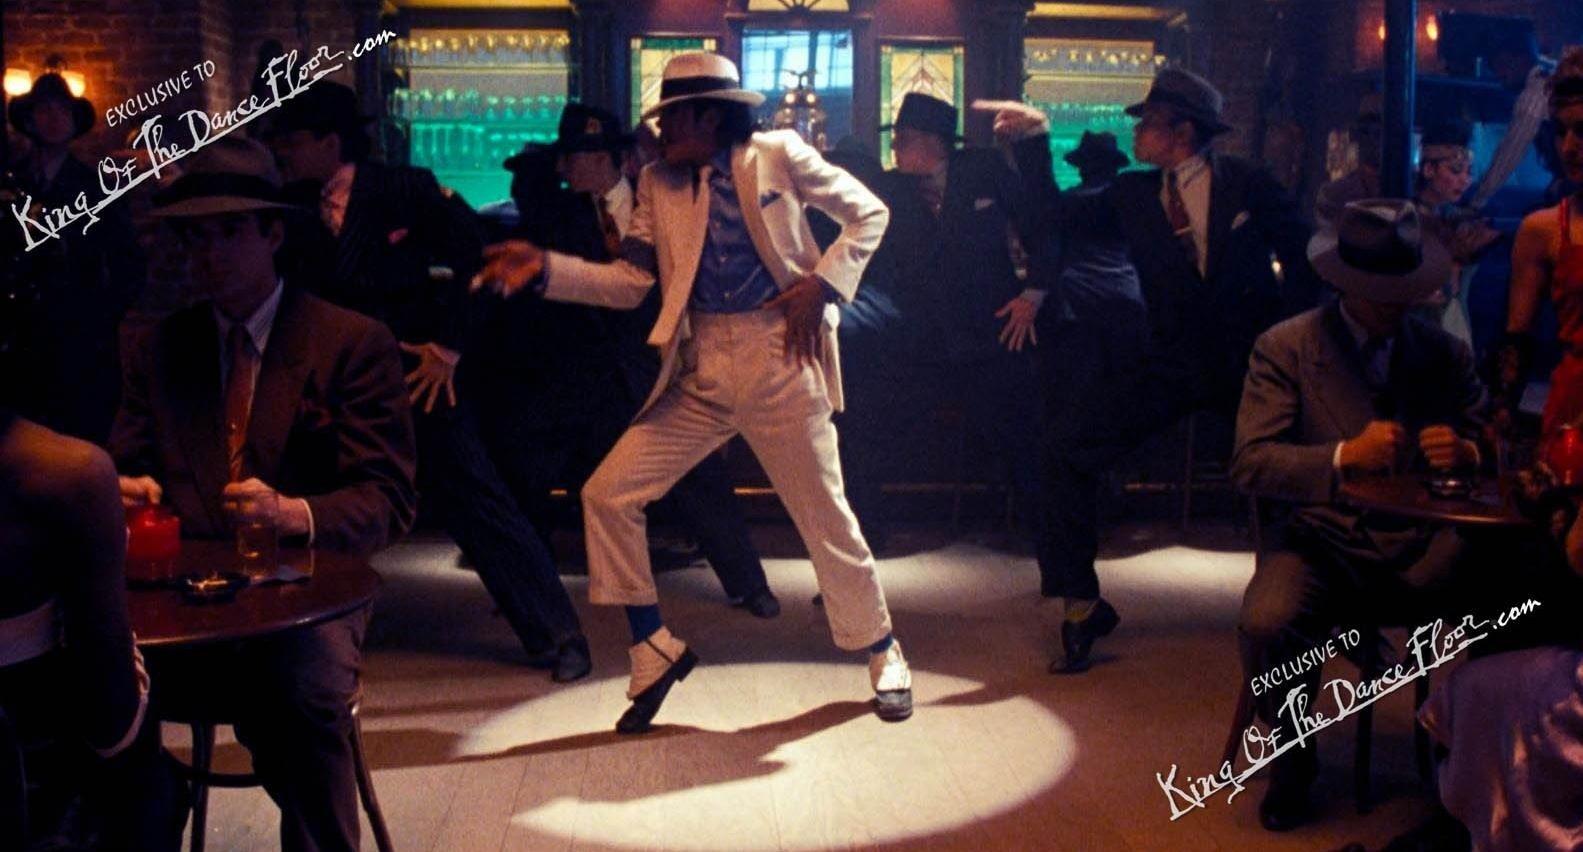 Сегодня день рождения у Майкла Джексона! - Изображение 1